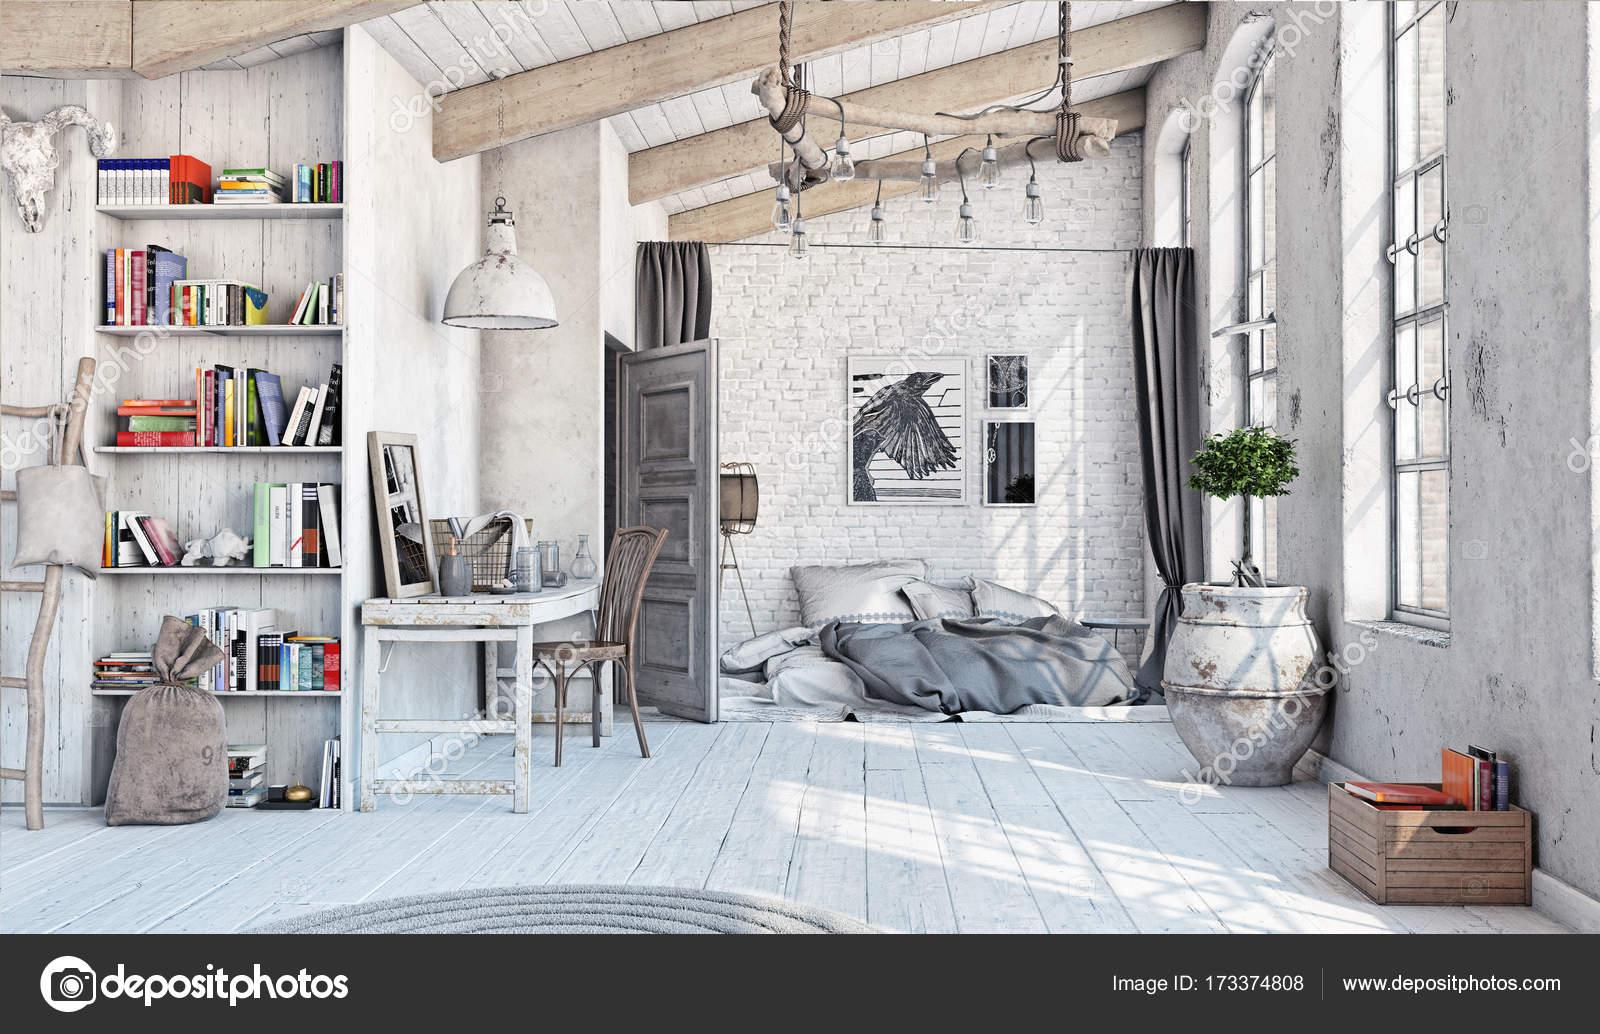 Interieur De La Chambre Scandinave Photographie Vicnt2815 C 173374808